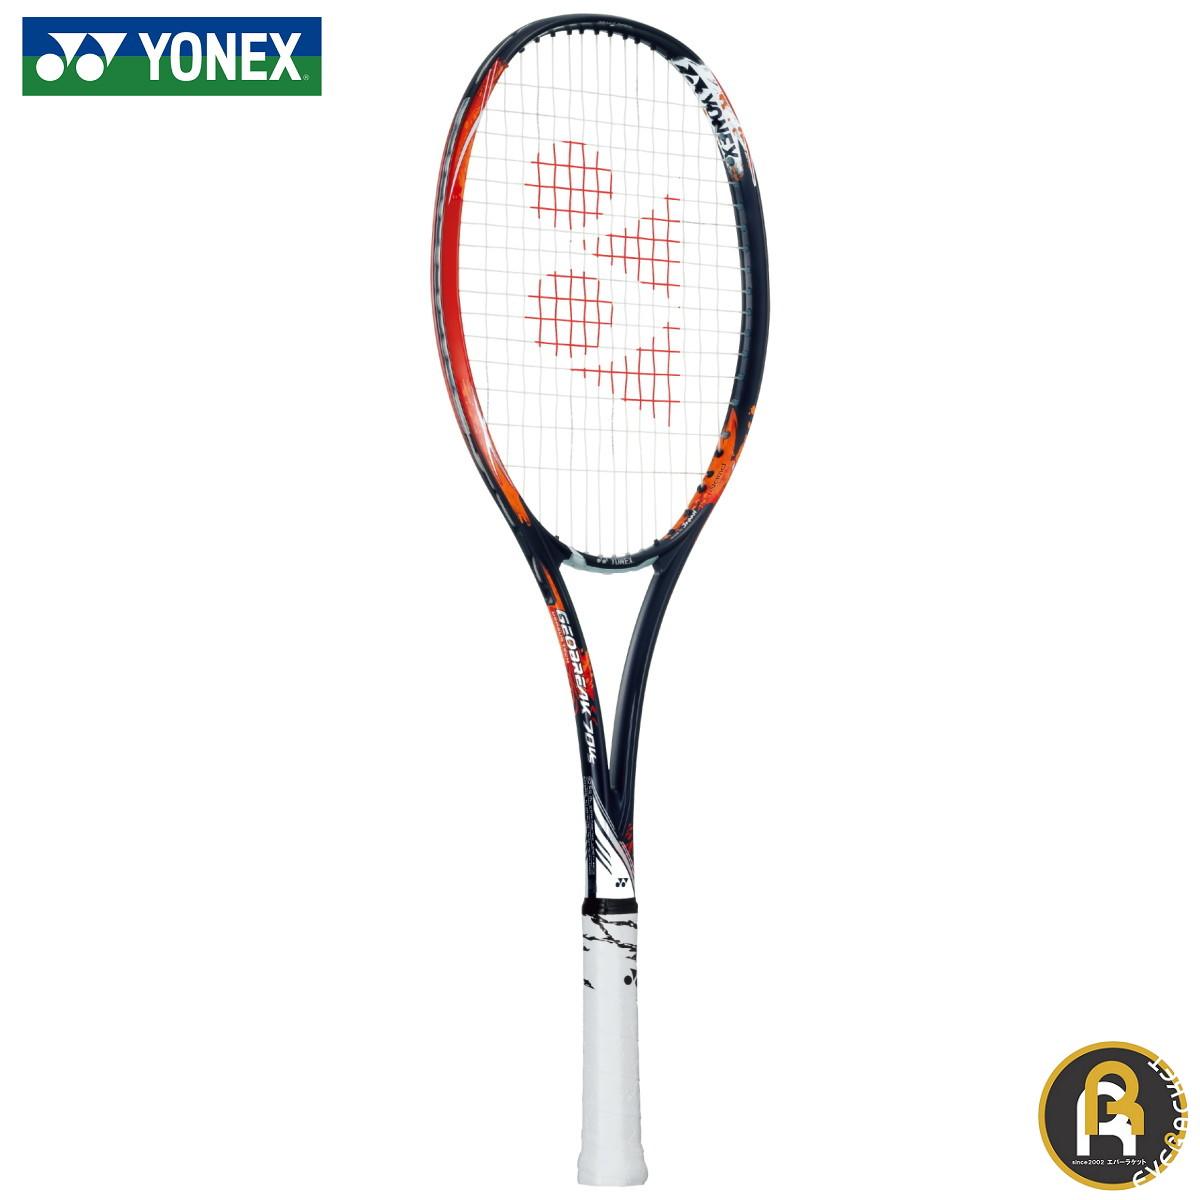 ヨネックス YONEX ソフトテニスラケット ジオブレイク70バーサス GEO70VS ソフトテニス